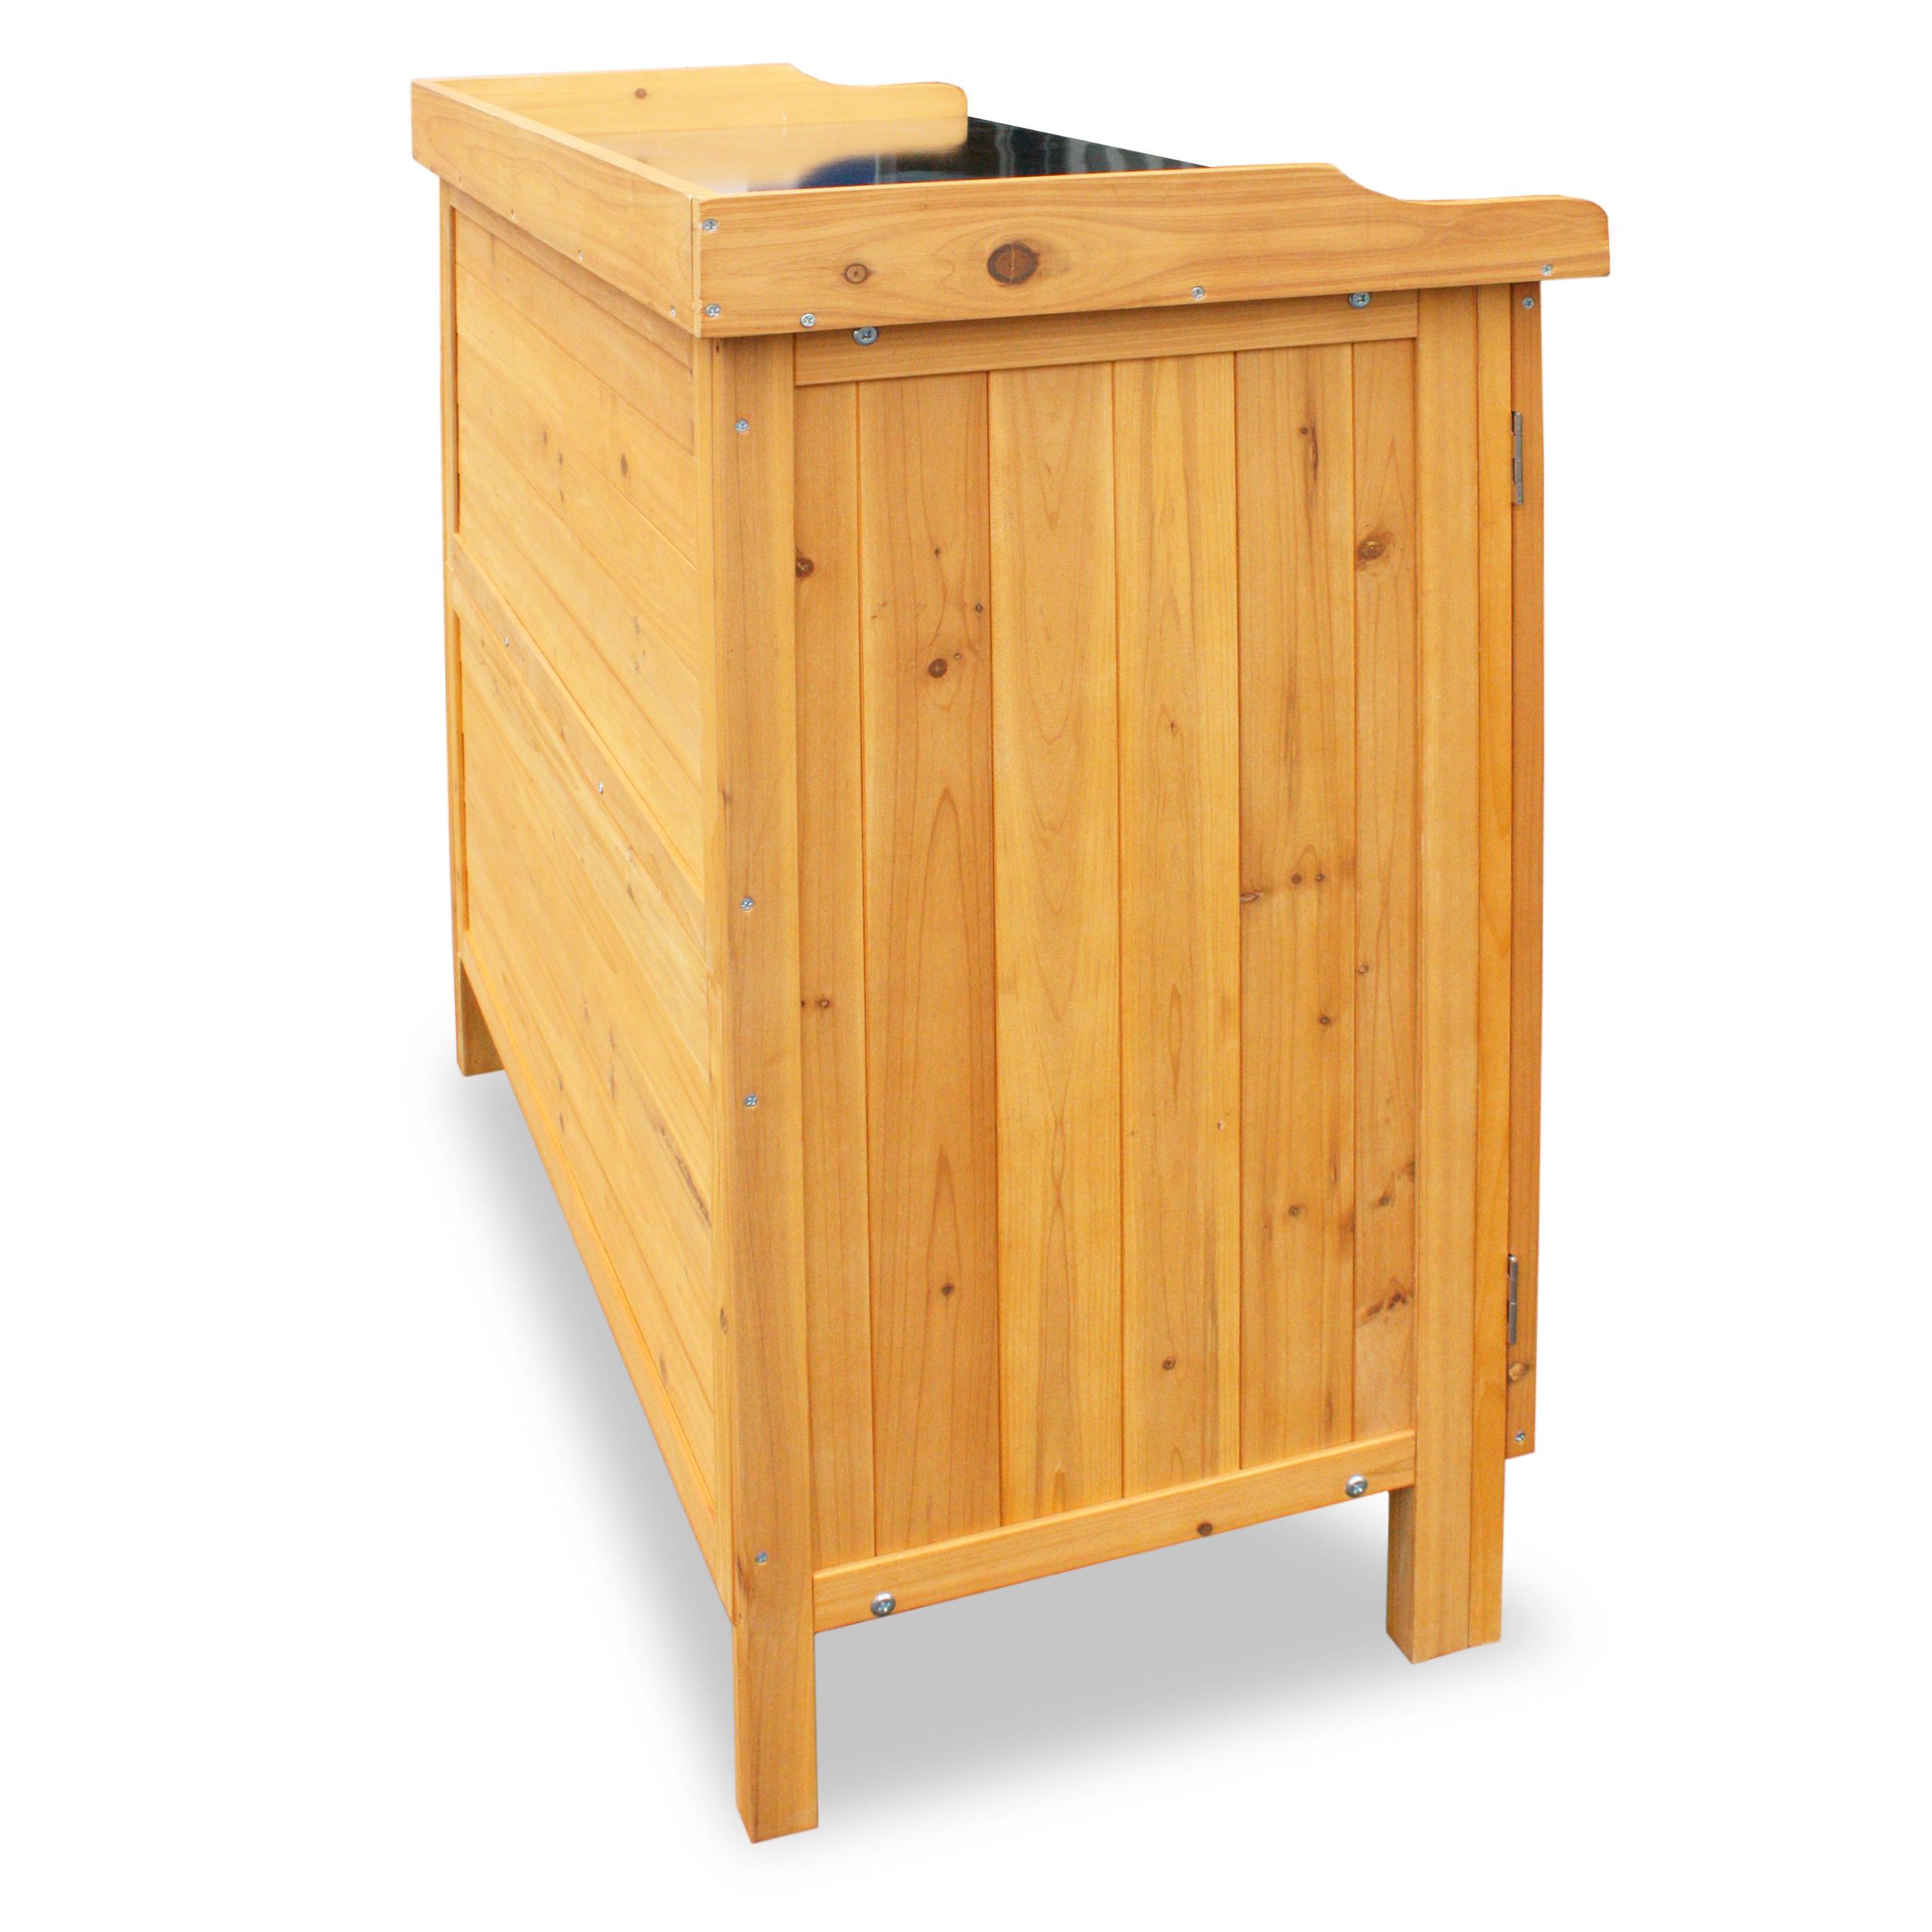 HABAU Gartentisch mit Unterschrank - 3106